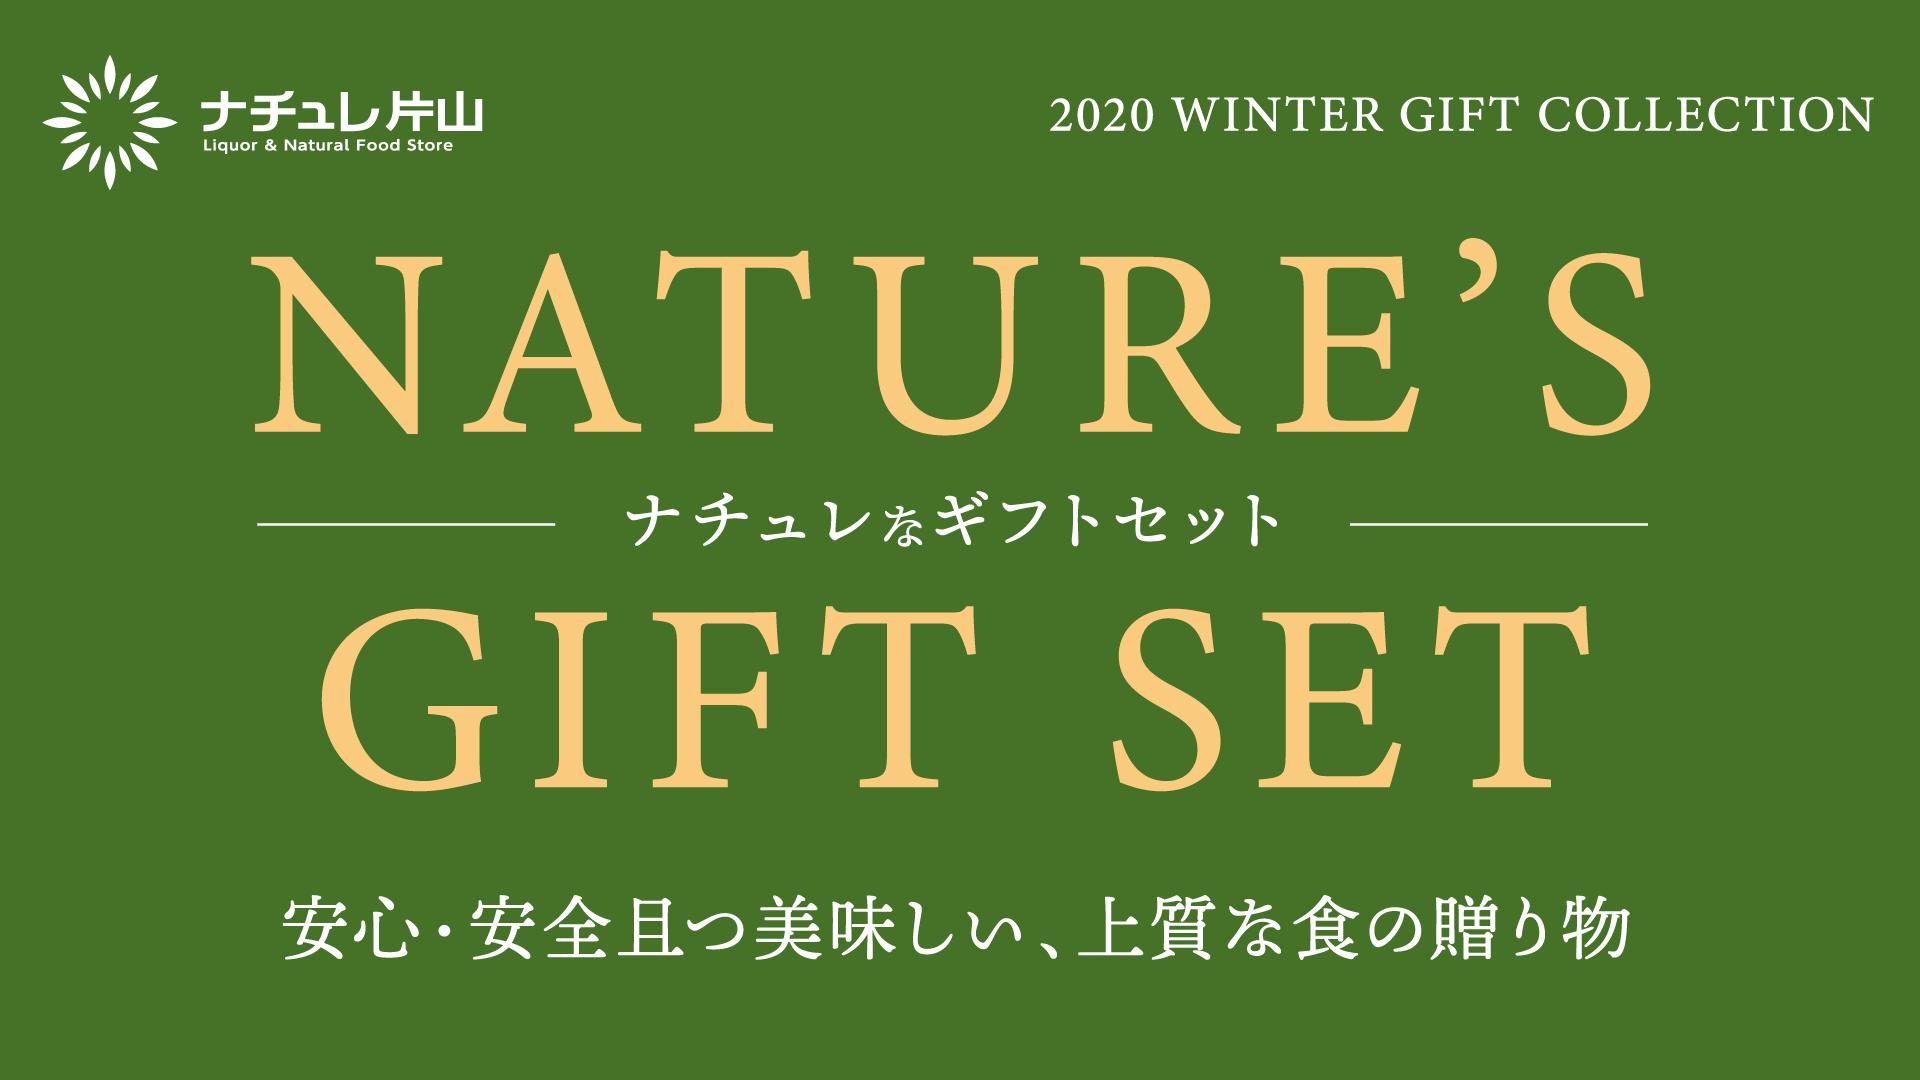 冬のギフトセット販売開始しました。